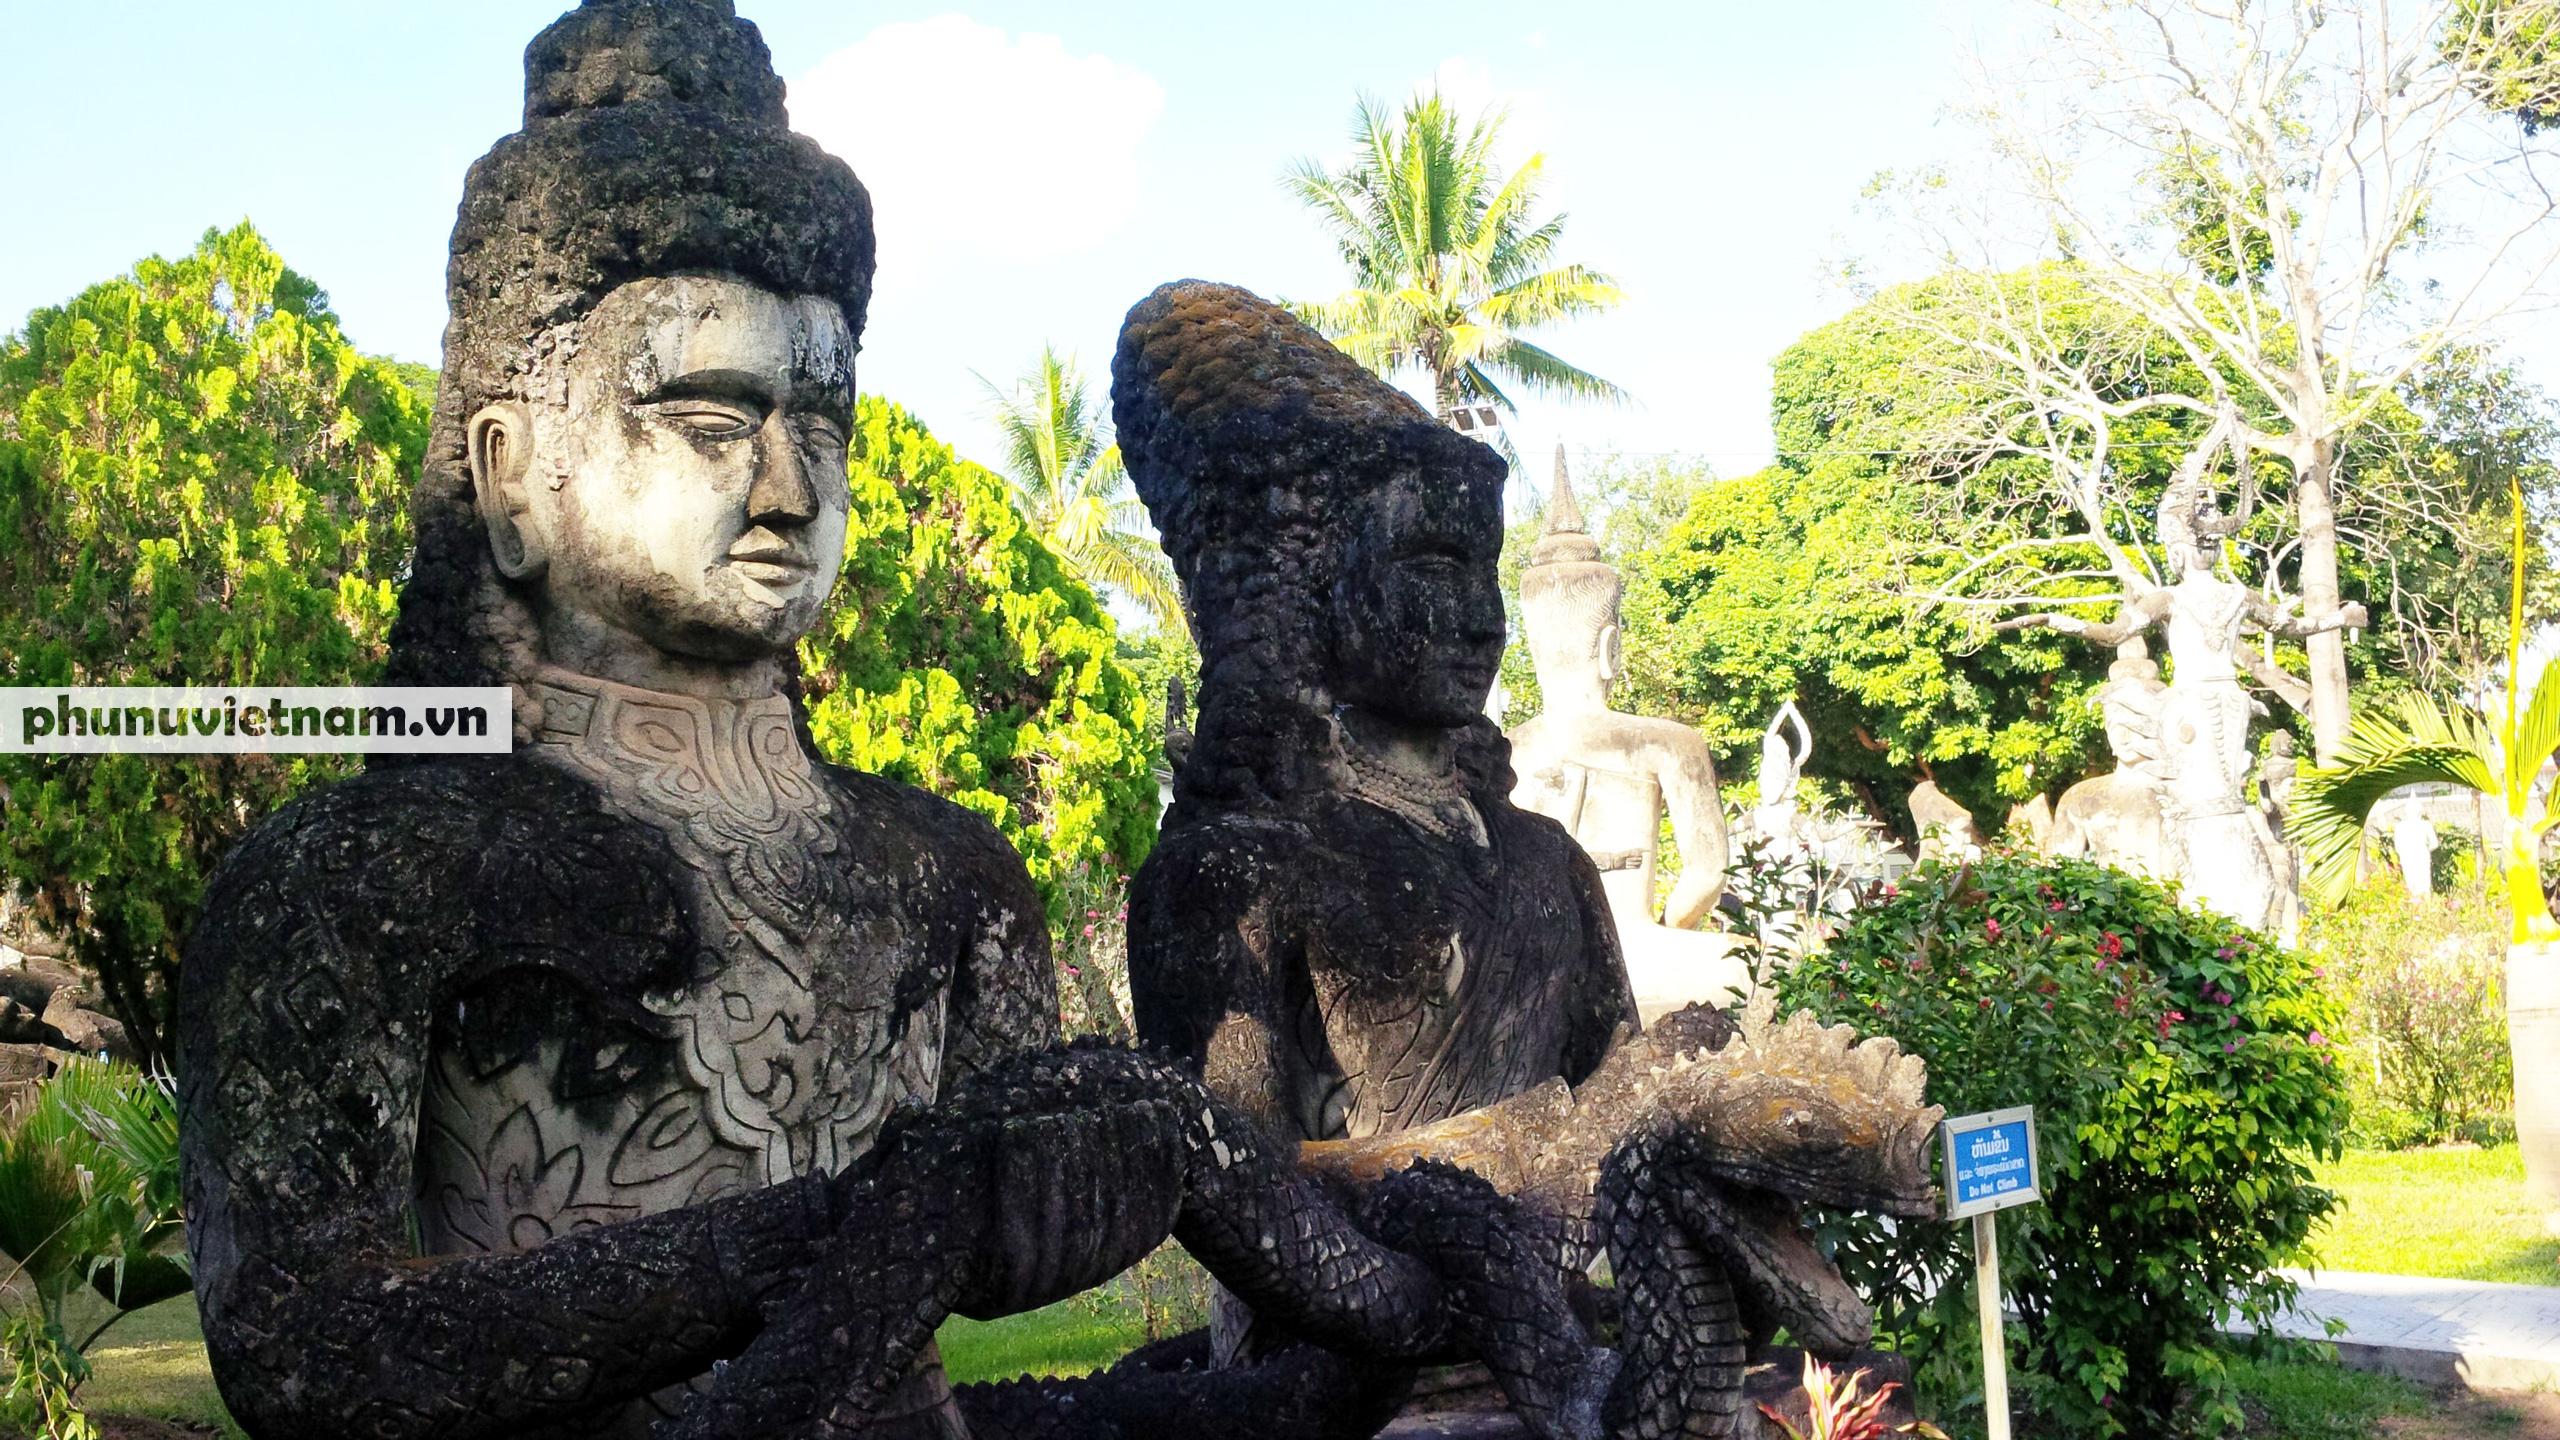 Độc đáo những bức tượng rắn trong các ngôi chùa ở Thủ đô Viêng Chăn - Ảnh 11.